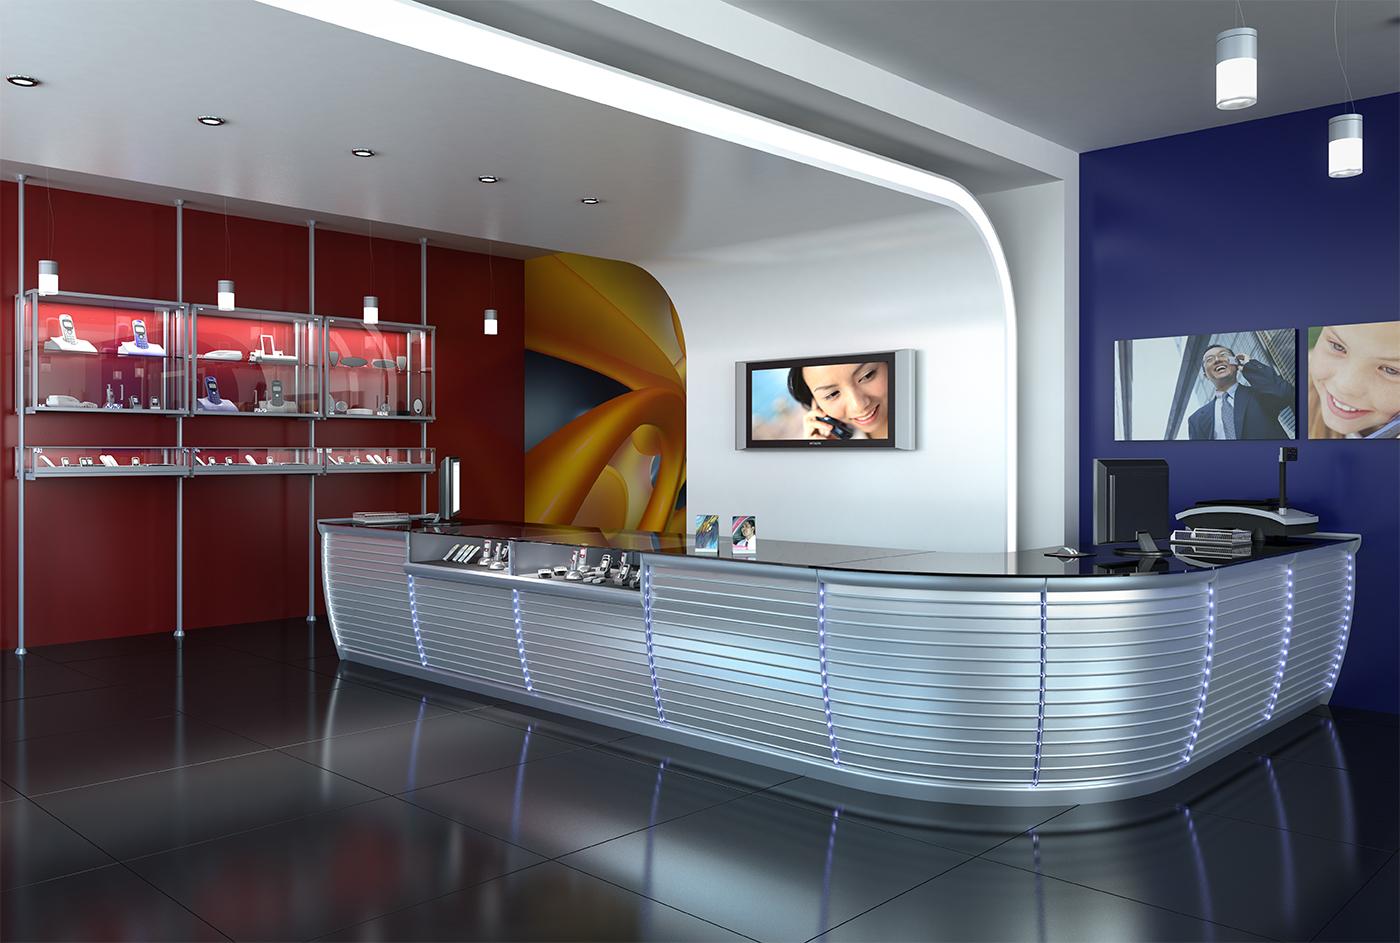 【吧臺設計】16款國外吧臺設計作品欣賞,酒吧,廚房,客廳參考 - 天天瘋後製-Crazy-Tutorial